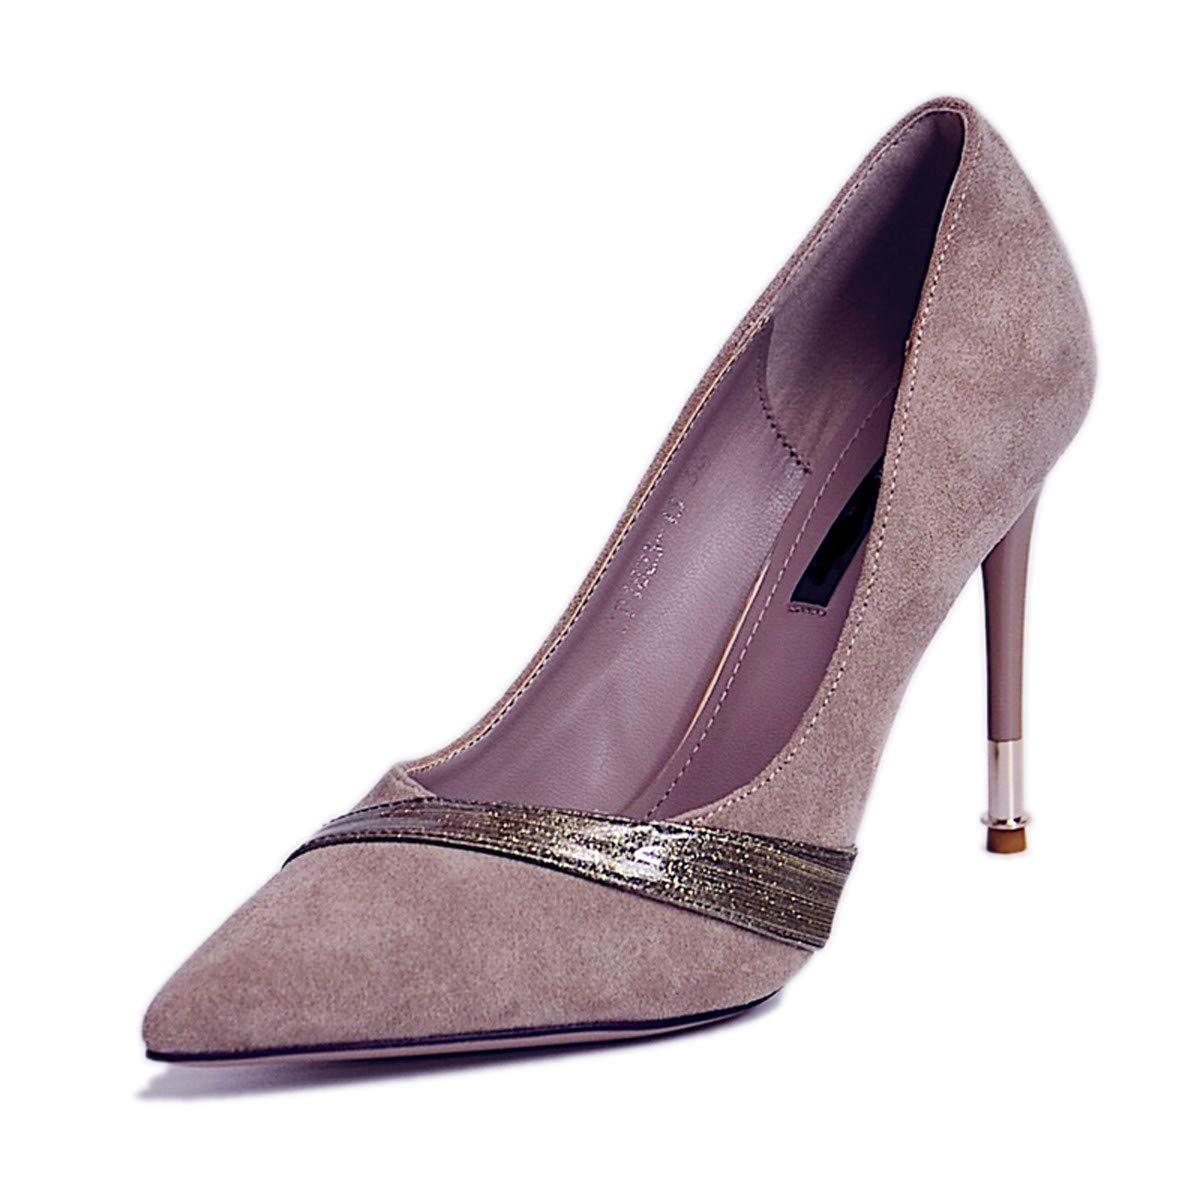 LBTSQ-Einzelne Schuhe Flachen Mund Farbabstimmung Scharf Darauf Dünne Sohle 10Cm Hochhackigen Schuhen Temperament Damenschuhe